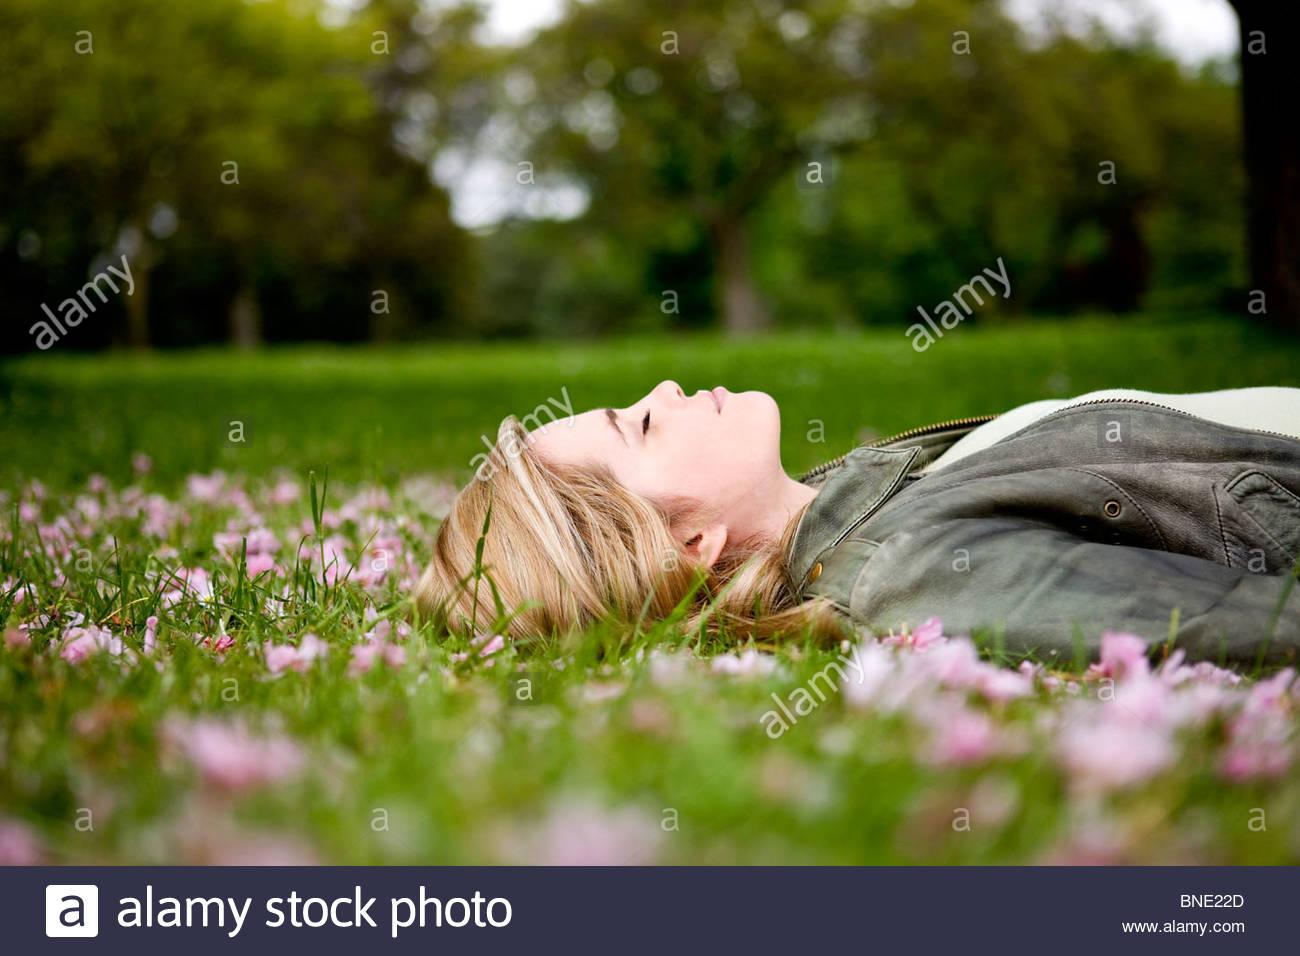 Une jeune femme allongée sur l'herbe au printemps Photo Stock